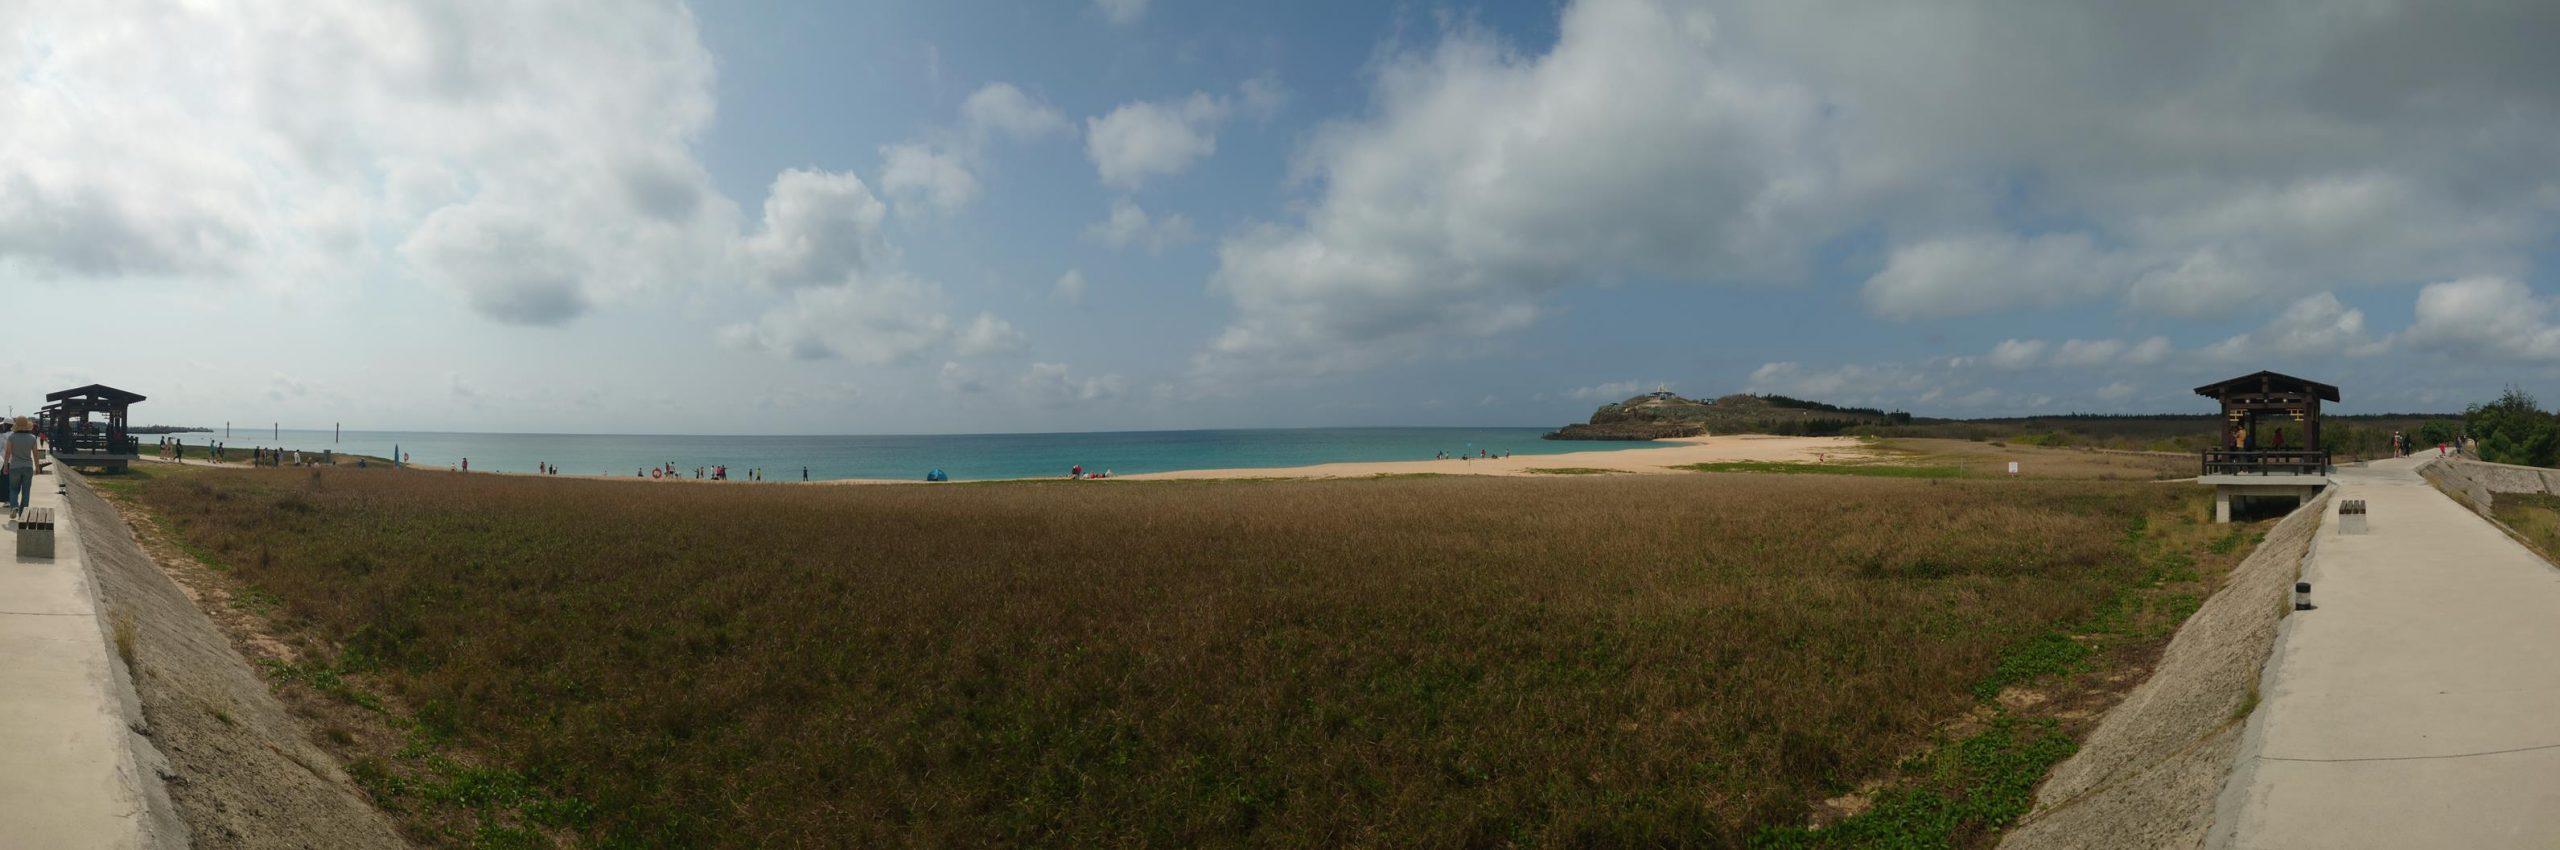 澎湖山水沙灘,澎湖網美景點,山水沙灘